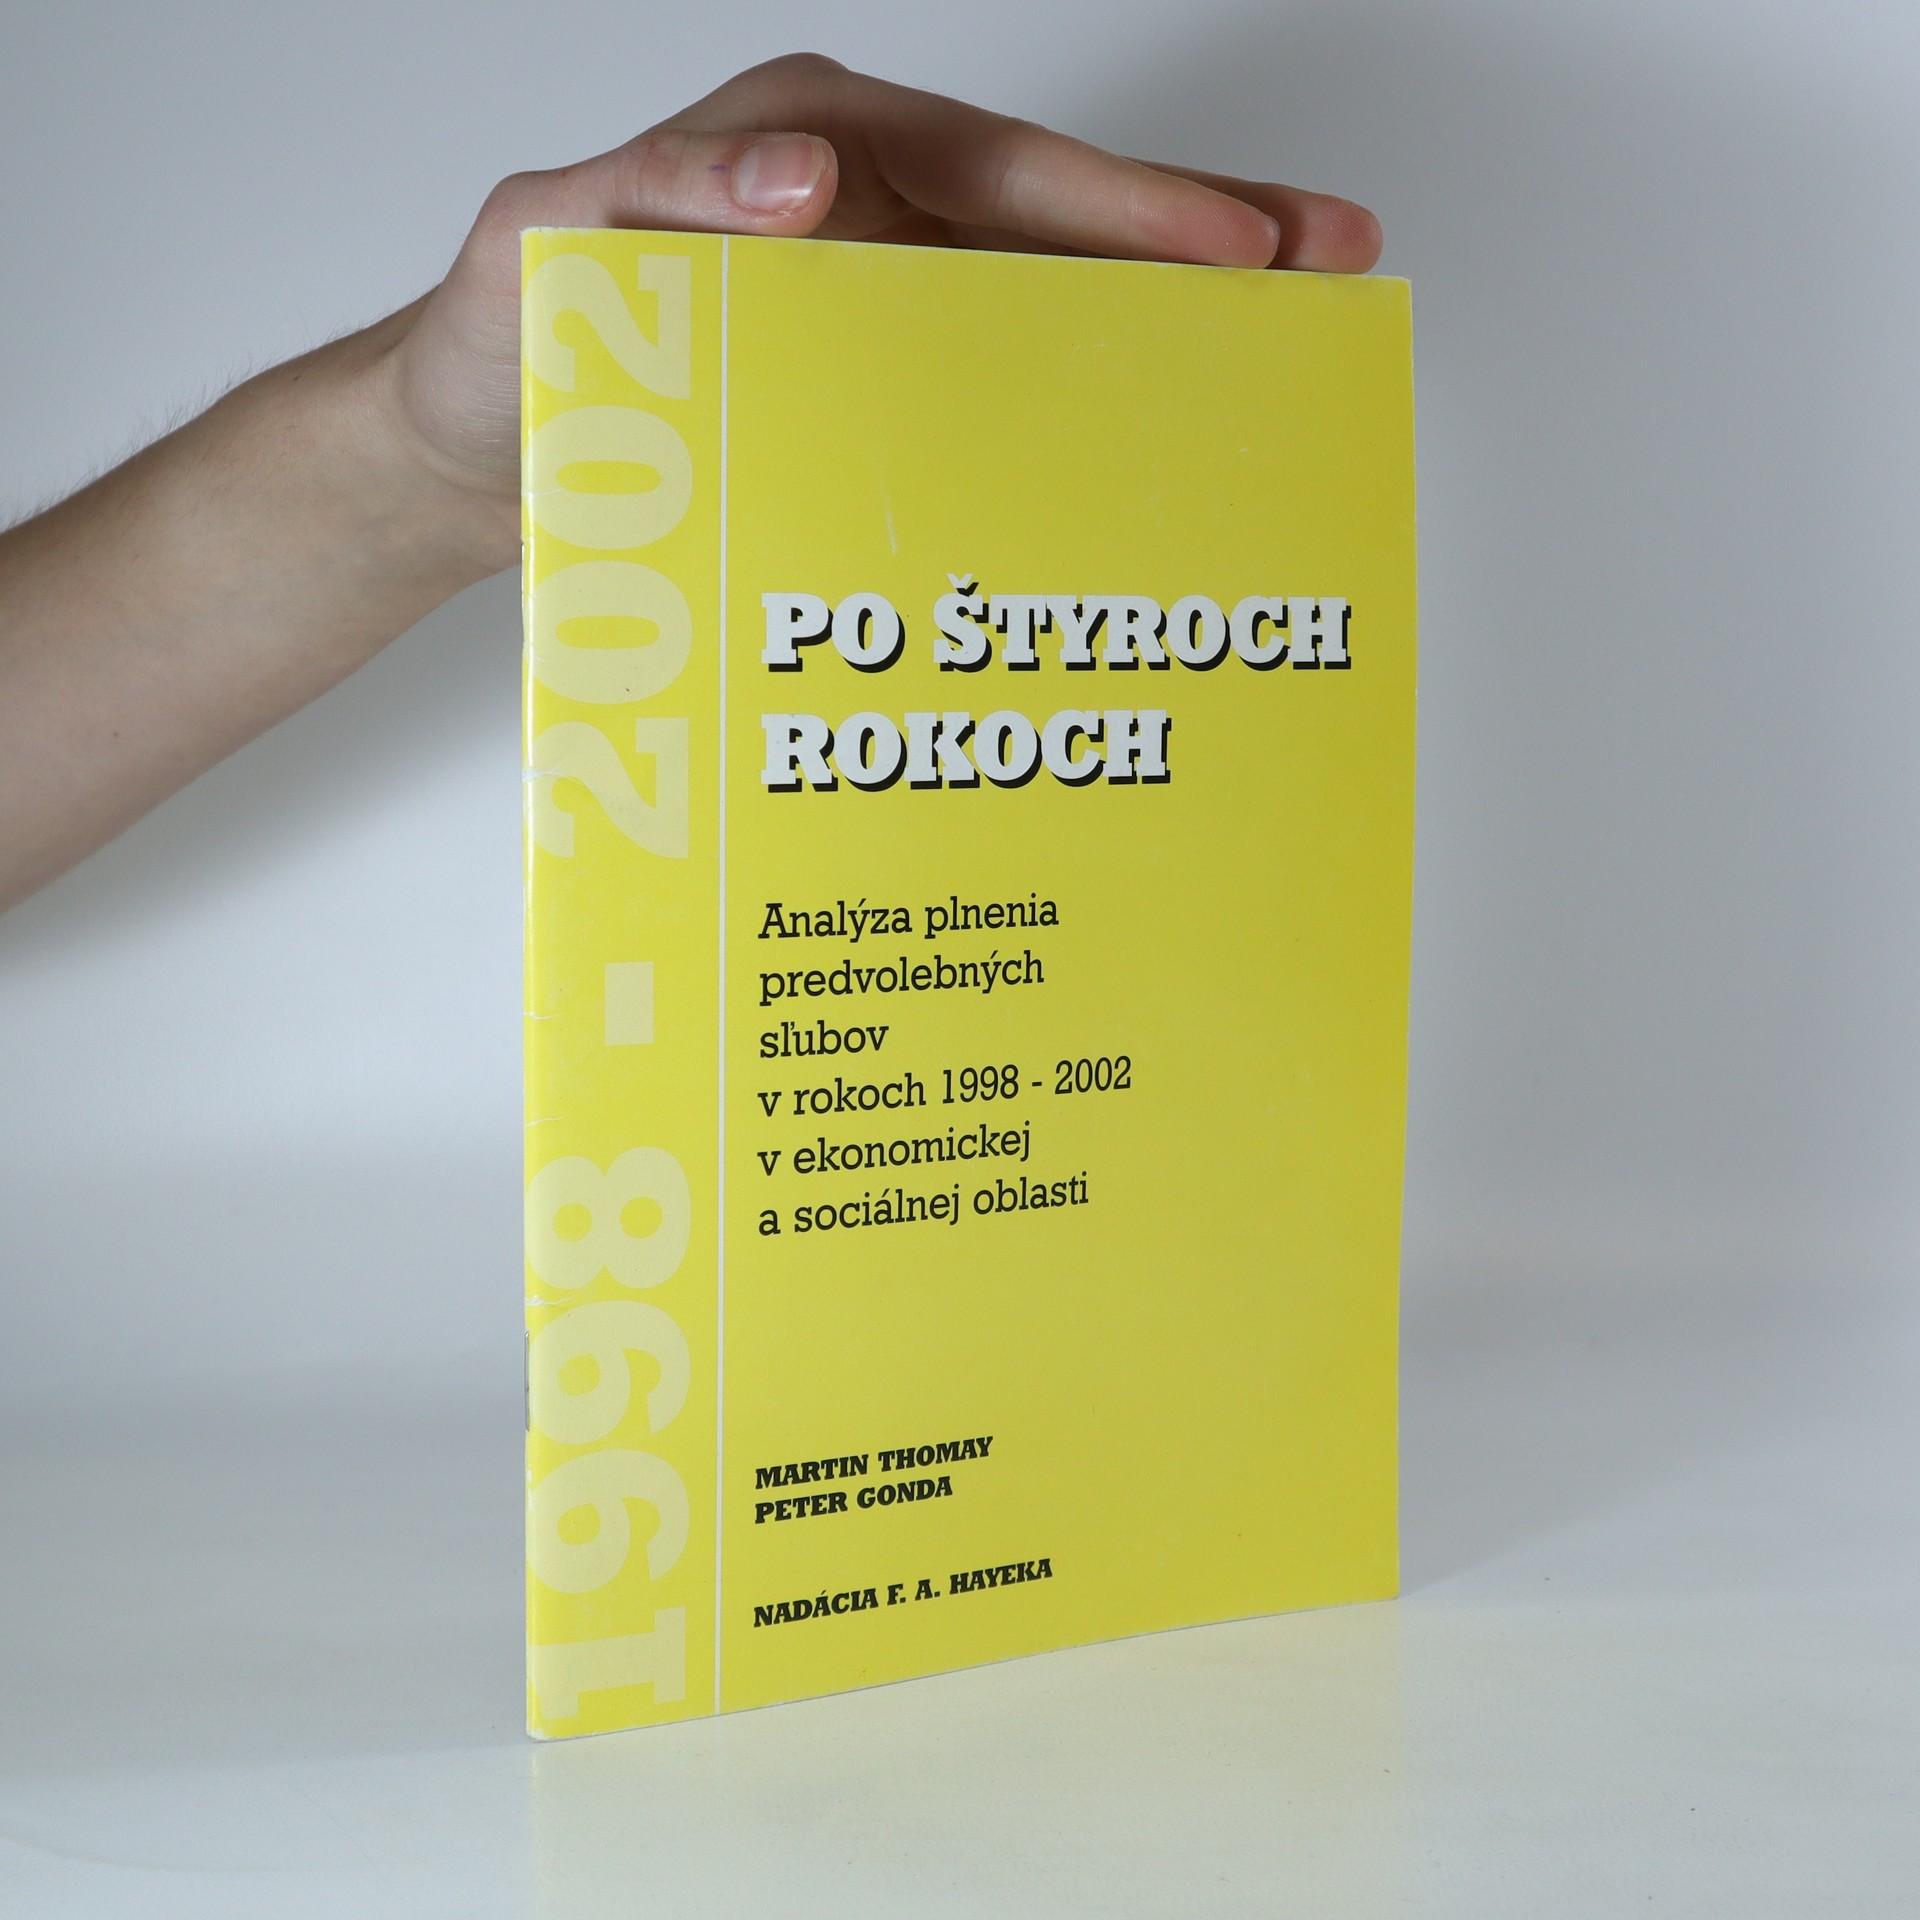 antikvární kniha Po štyroch rokoch, 2002